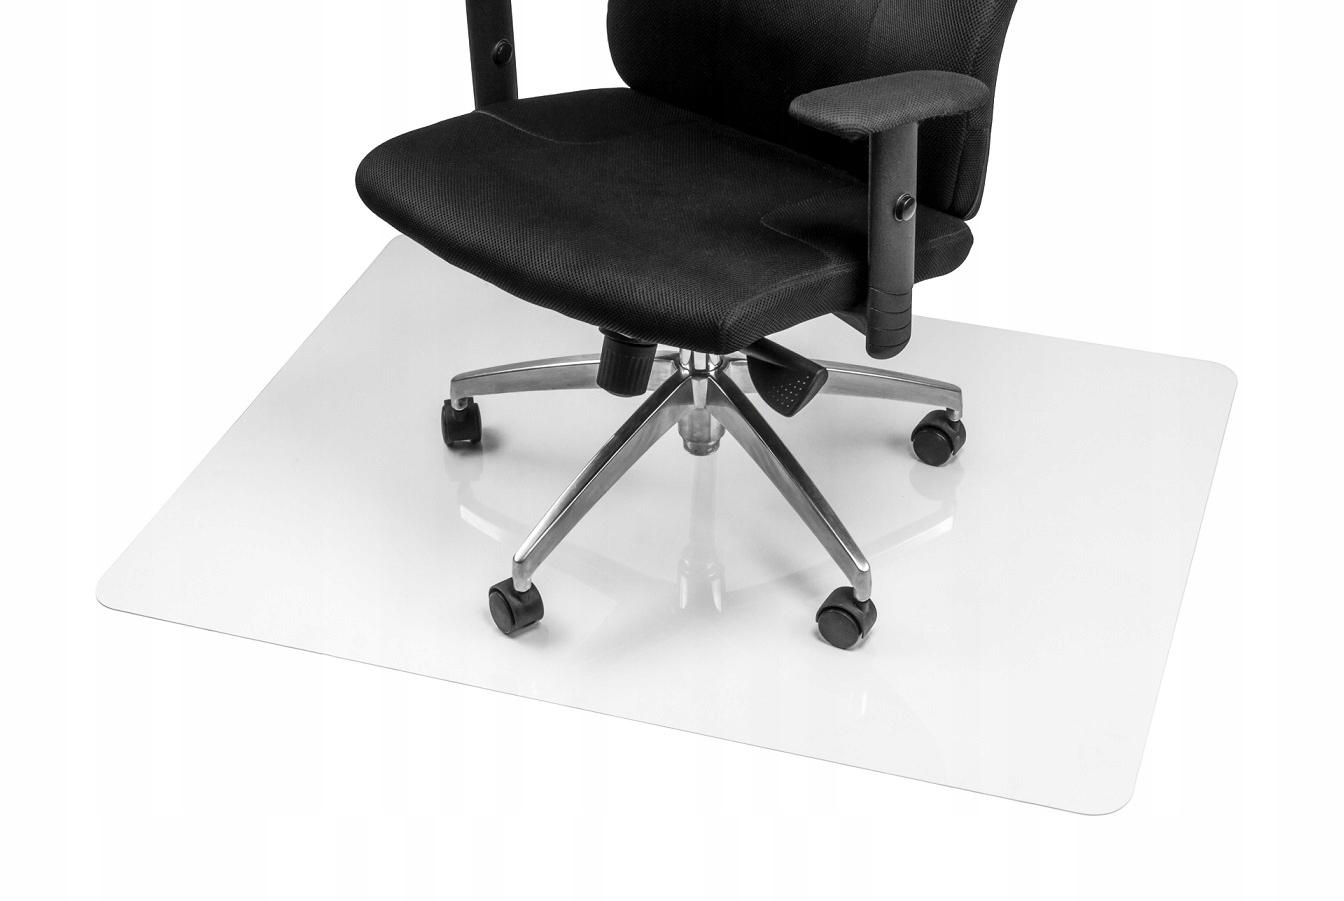 мат поликарбонат под кресло кресло 120x100cm